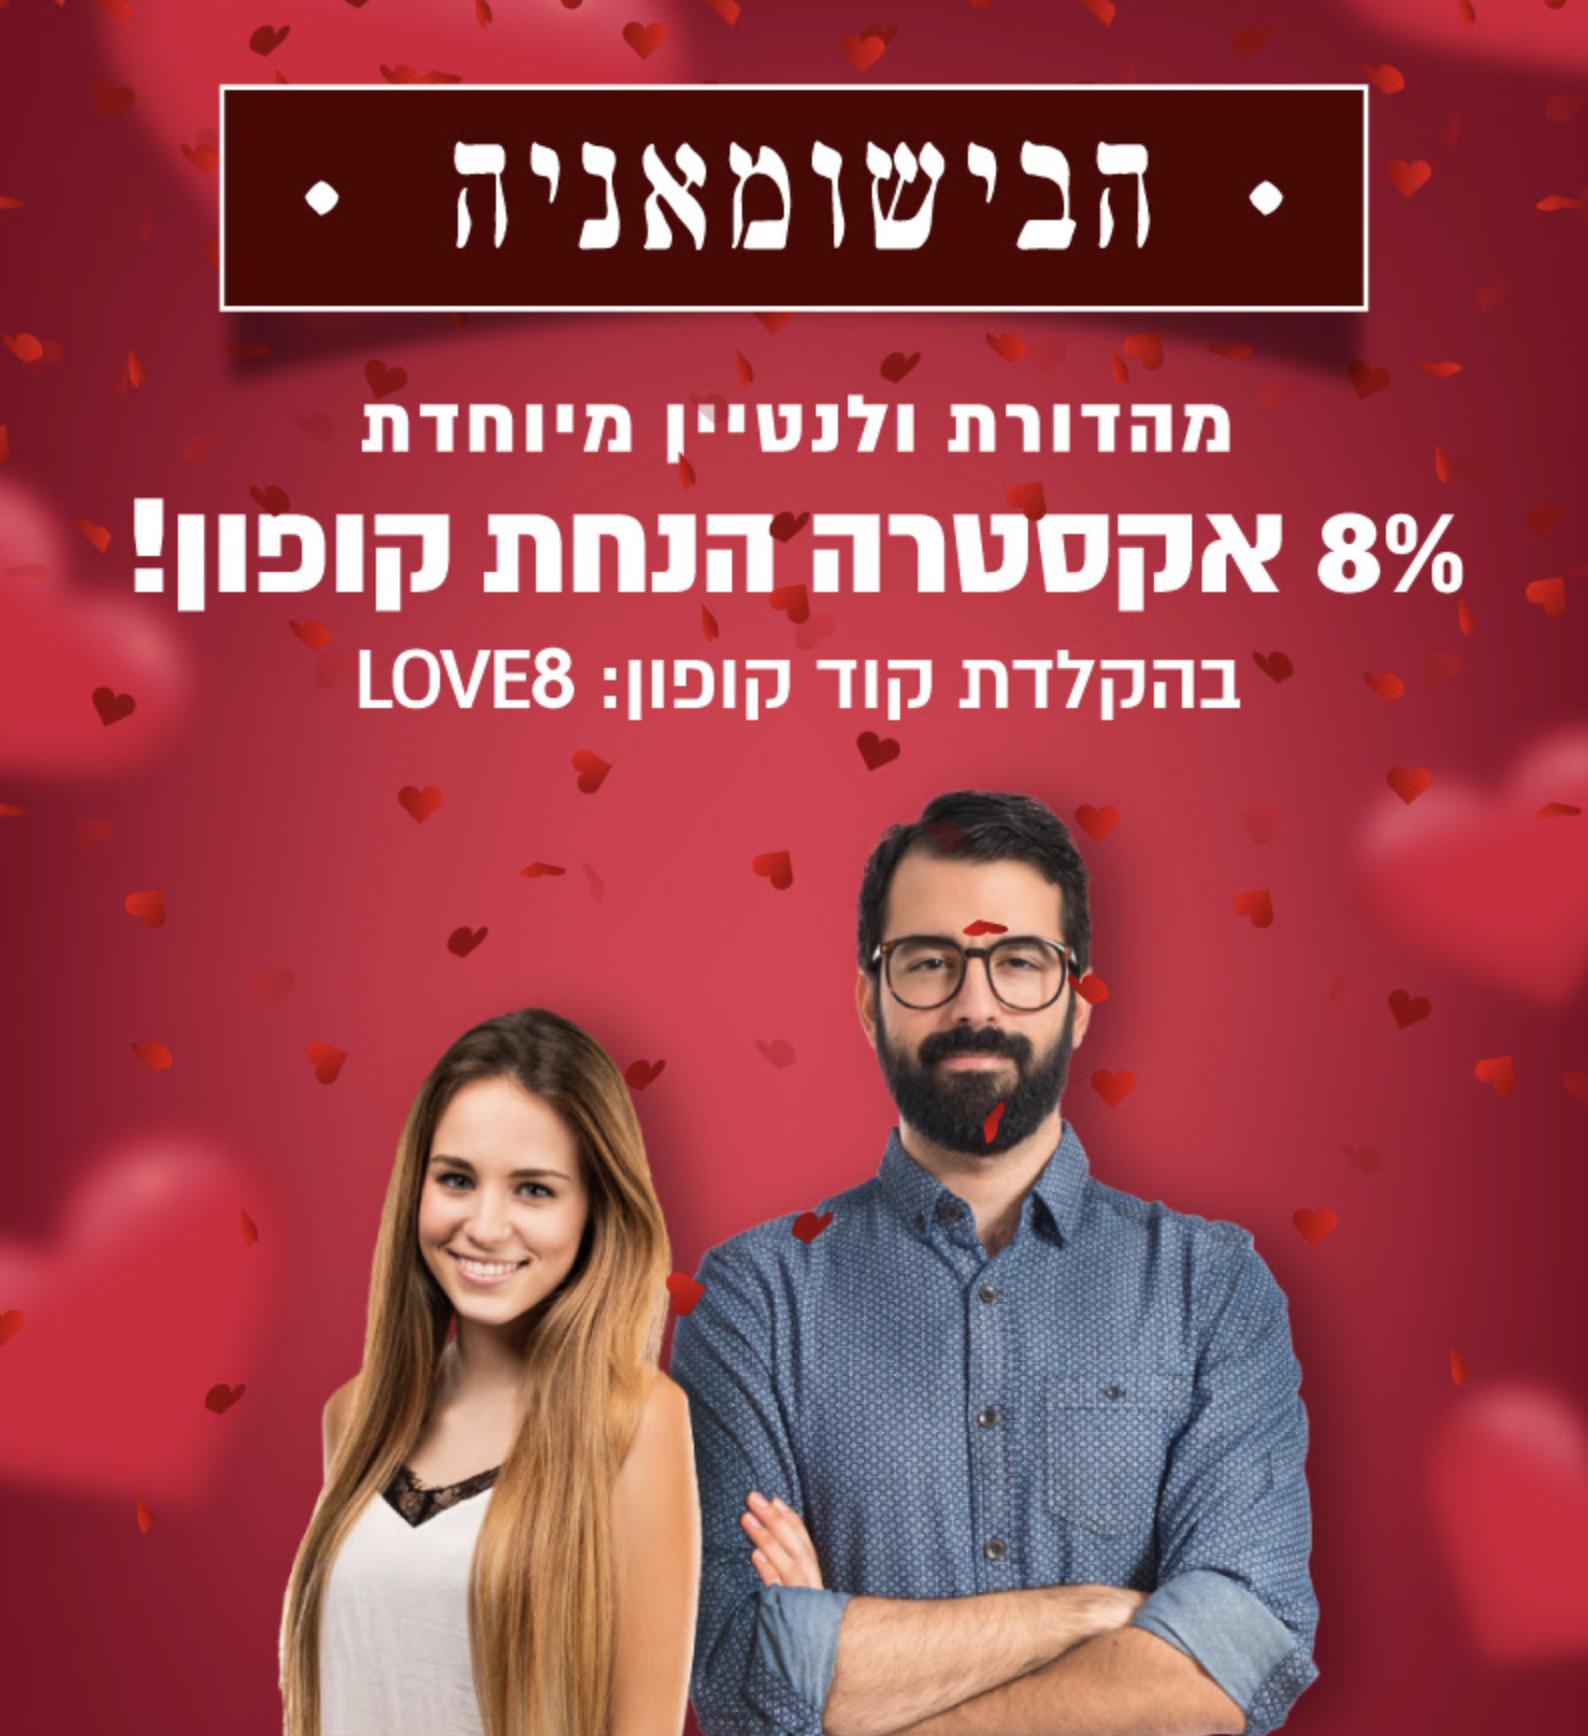 שכחת לקנות בושם ליום האהבה? עד 10% הנחה נוספת עלינו!